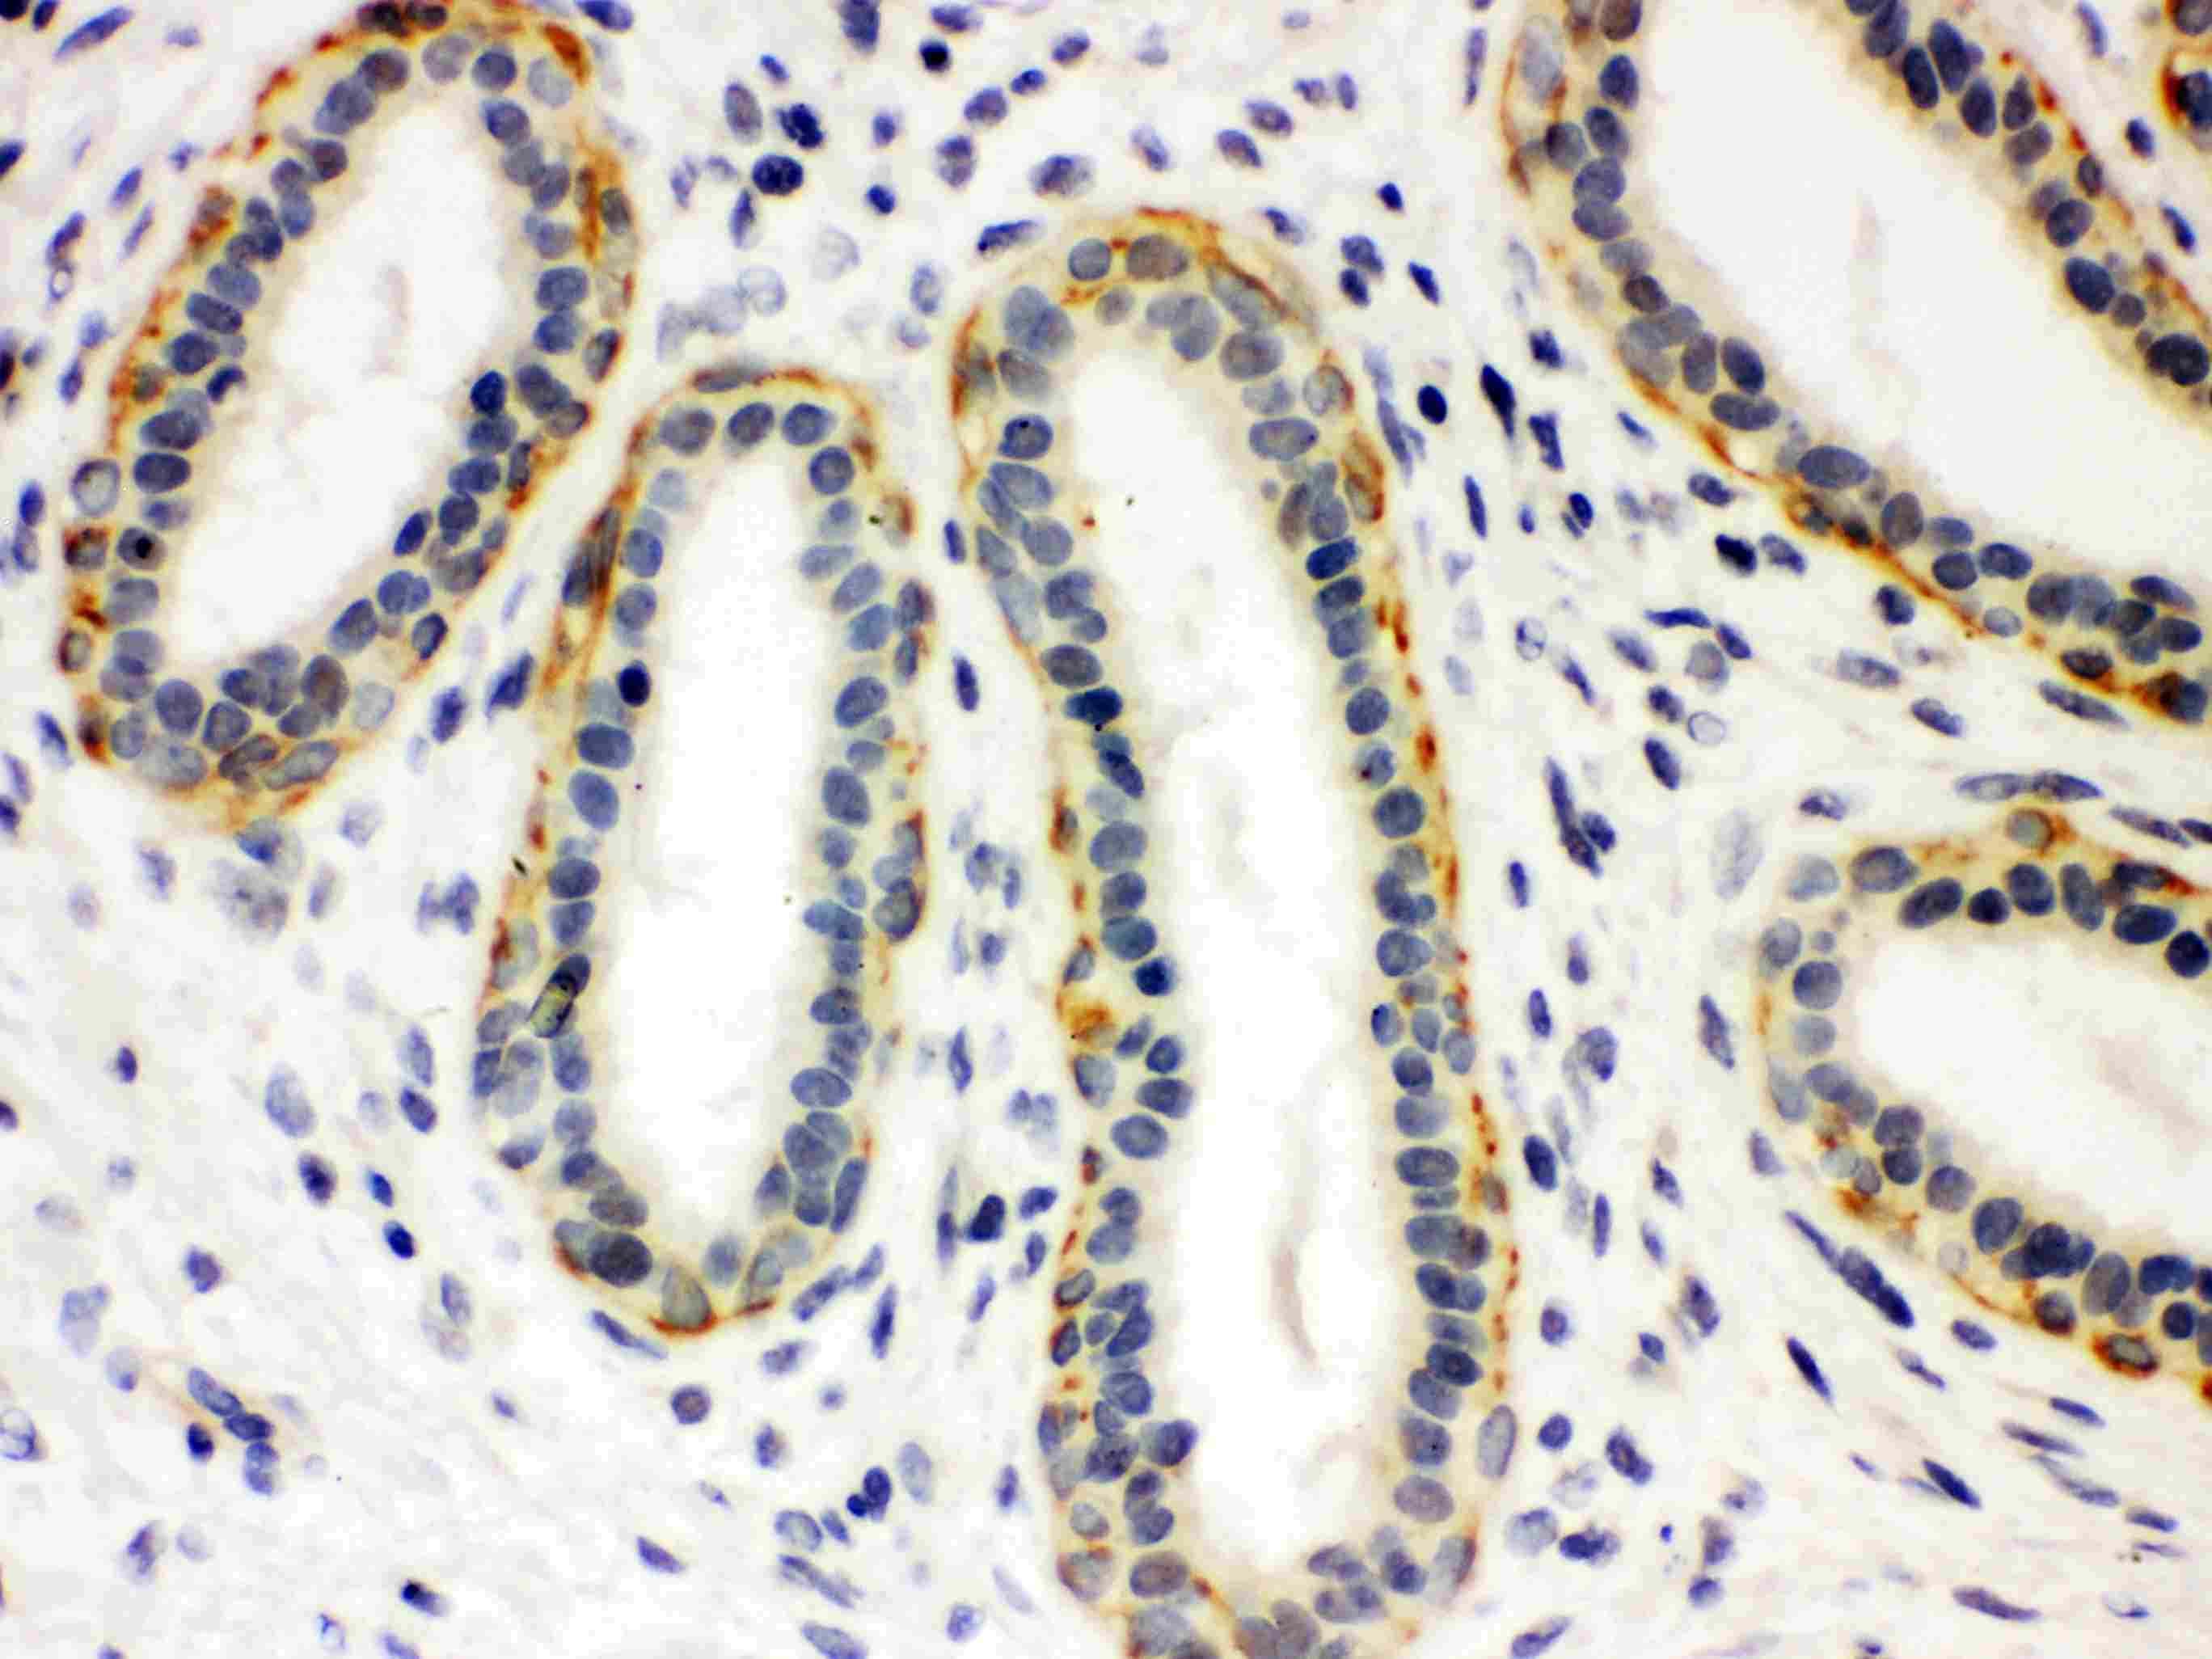 SLC6A4 Antibody in Immunohistochemistry (Paraffin) (IHC (P))